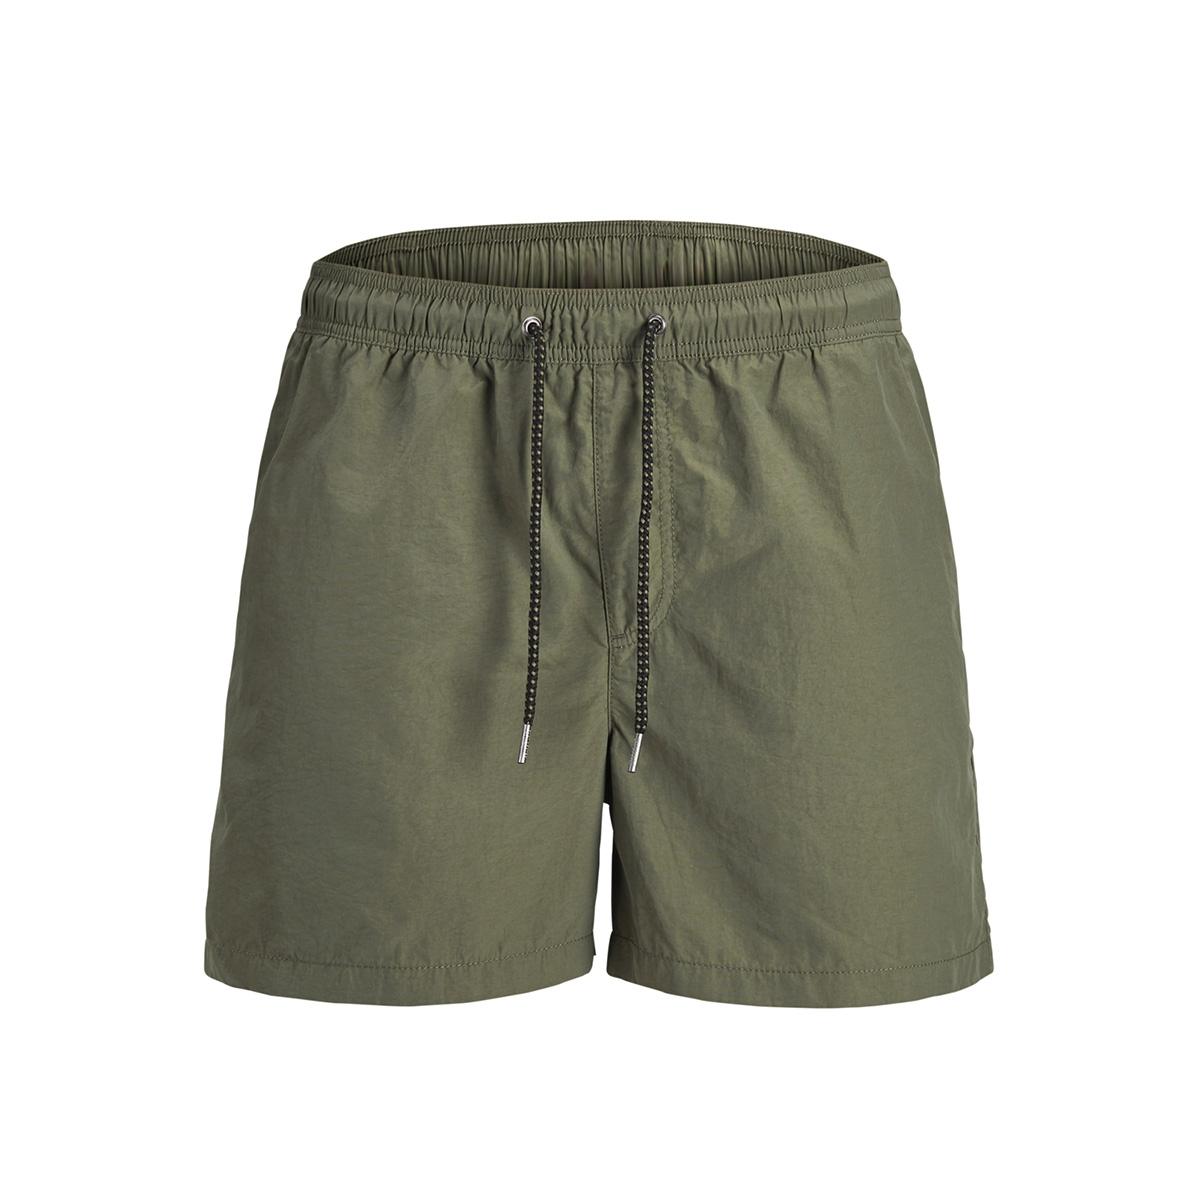 jjisunset swim shorts akm noos 12133191 jack & jones sport short olive night